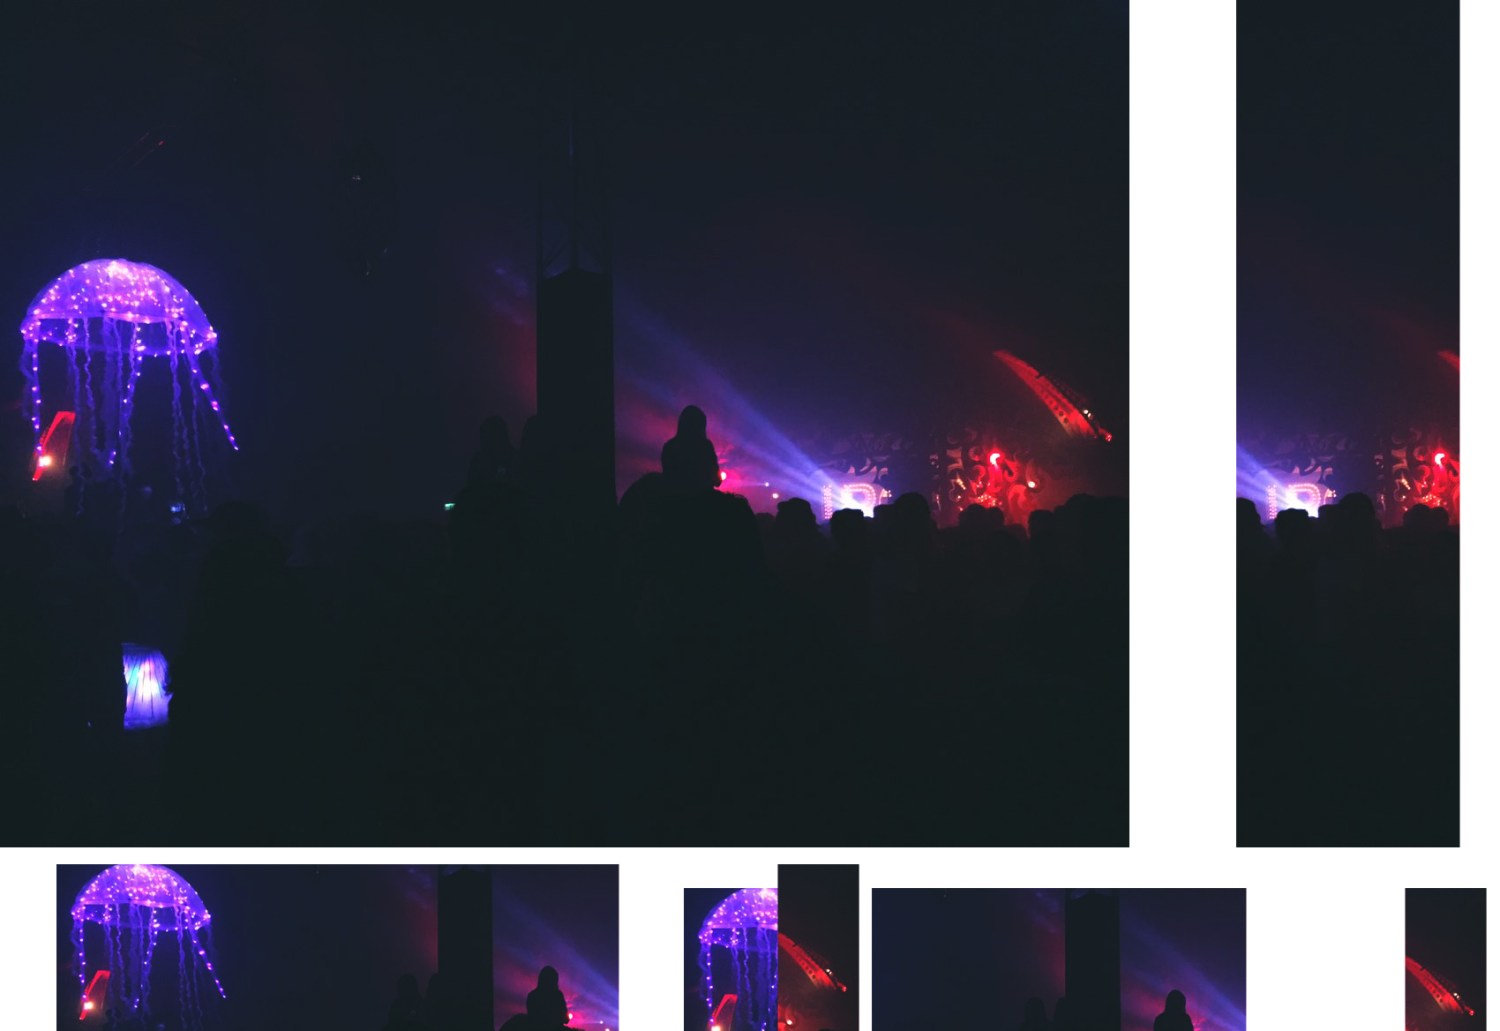 Amsterdam Techno Music Festival